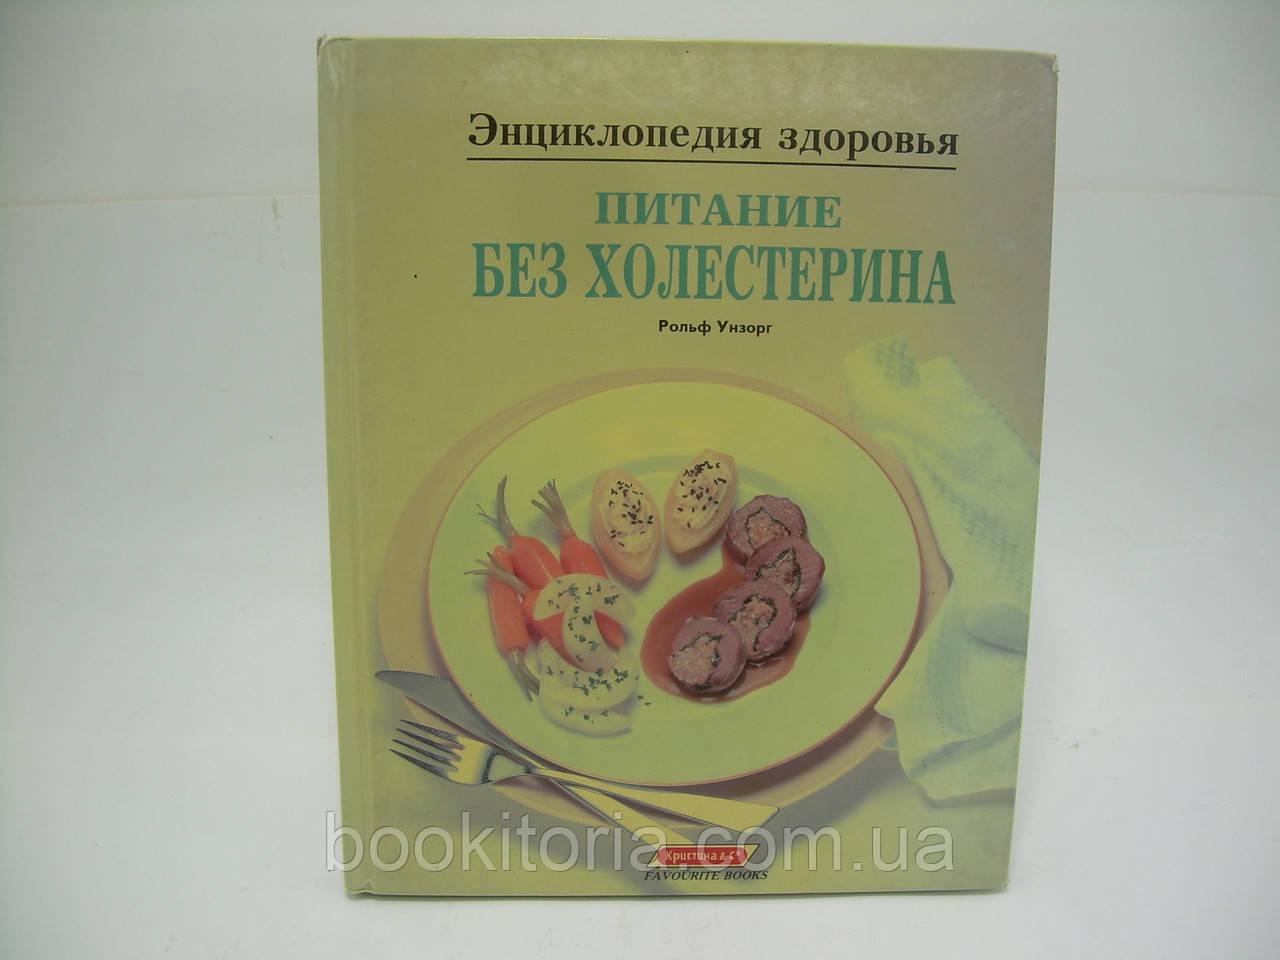 Унзорг Р. Питание без холестерина. Энциклопедия здоровья (б/у).